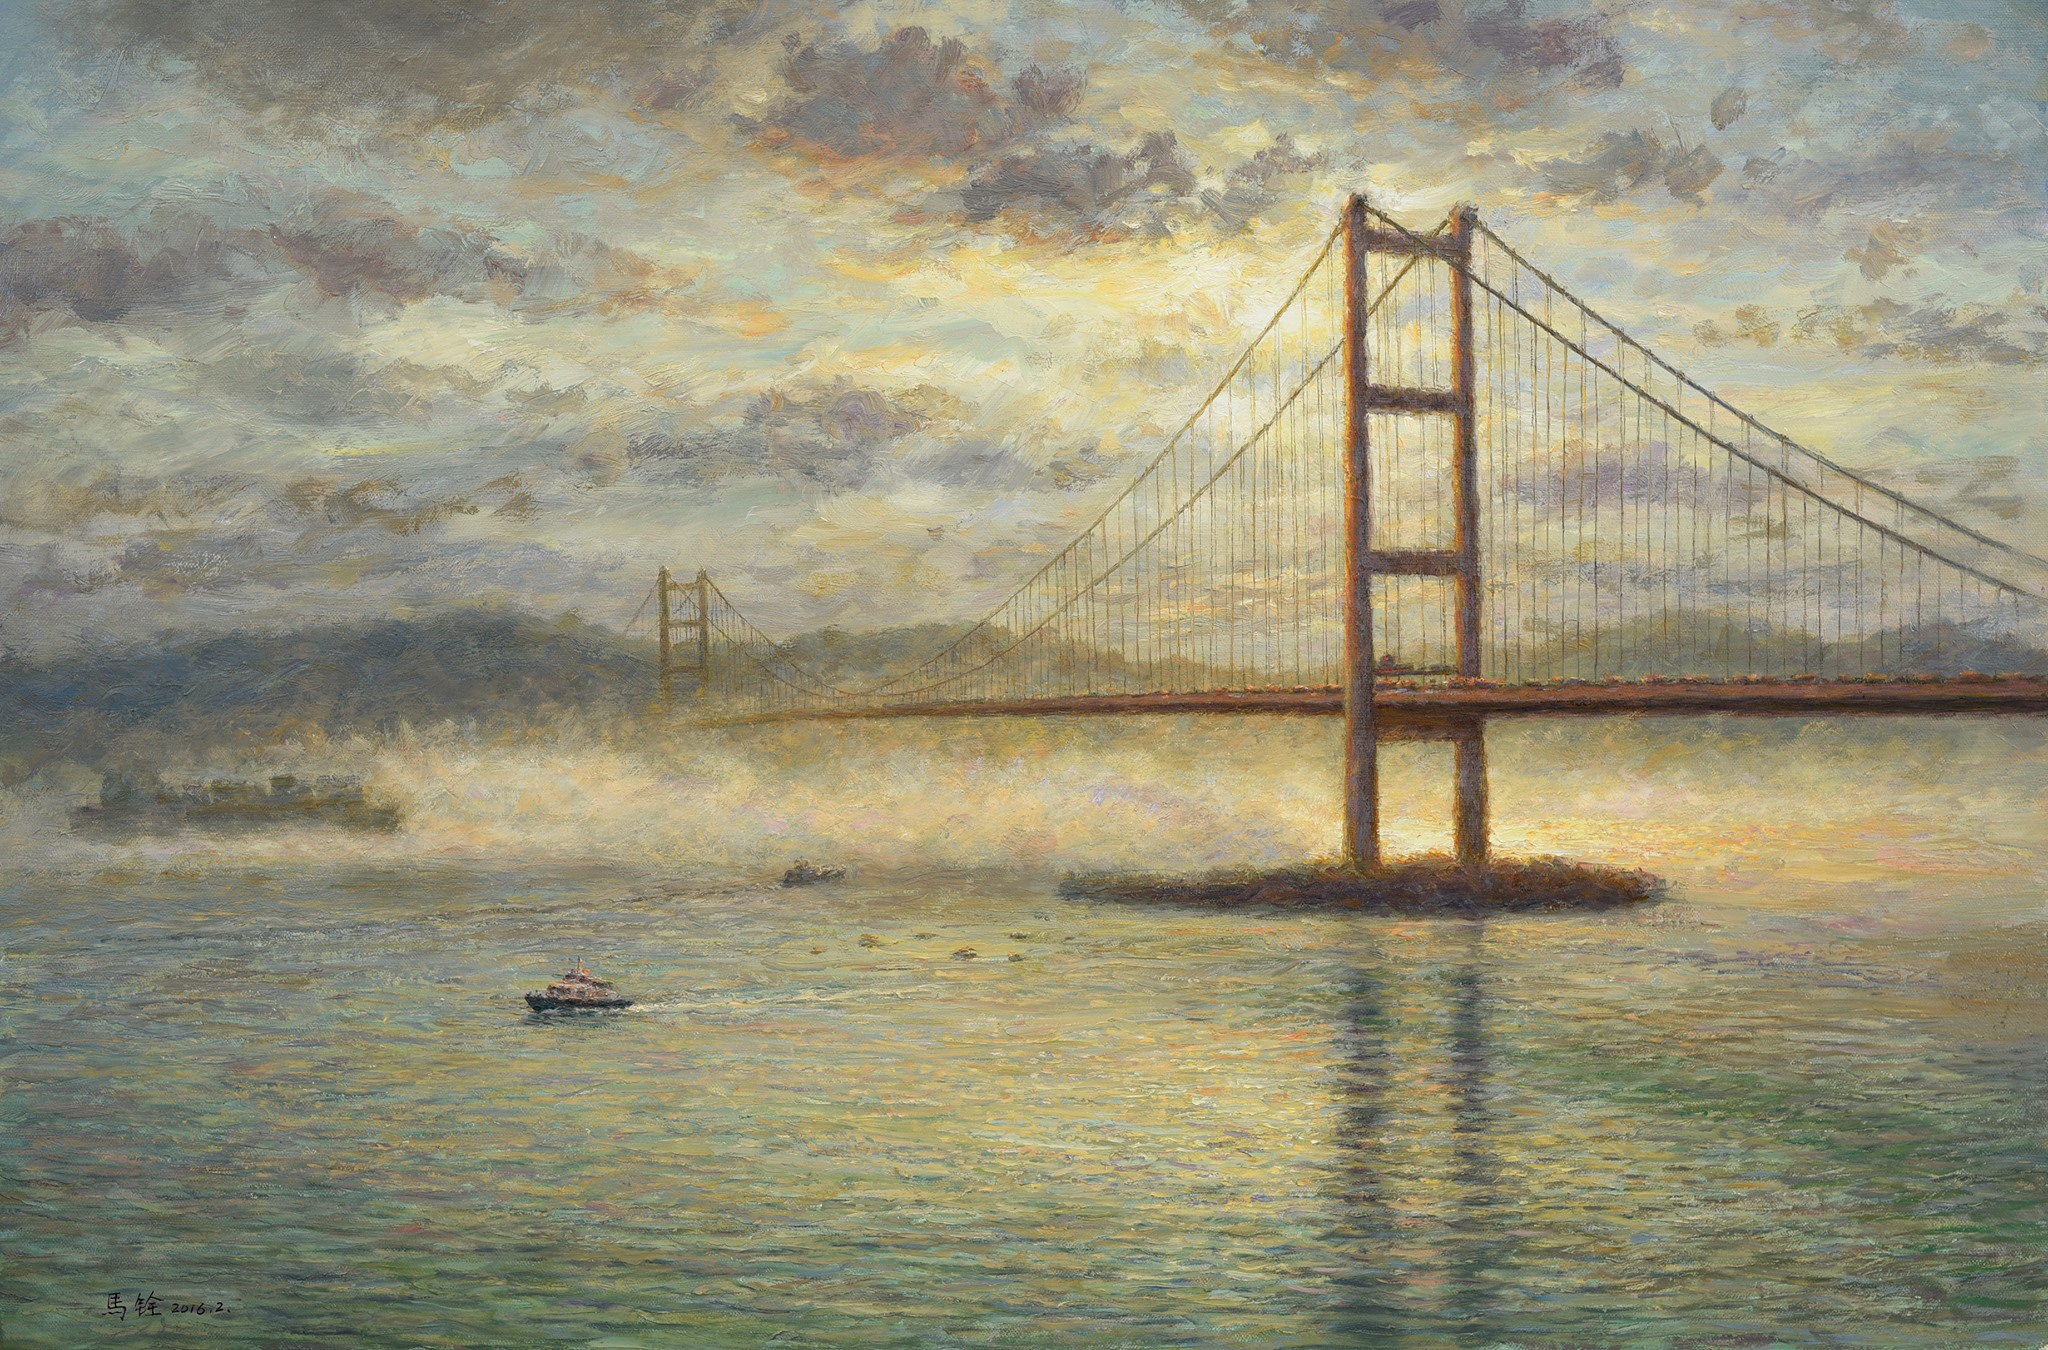 煙靄中的光芒 青馬大橋